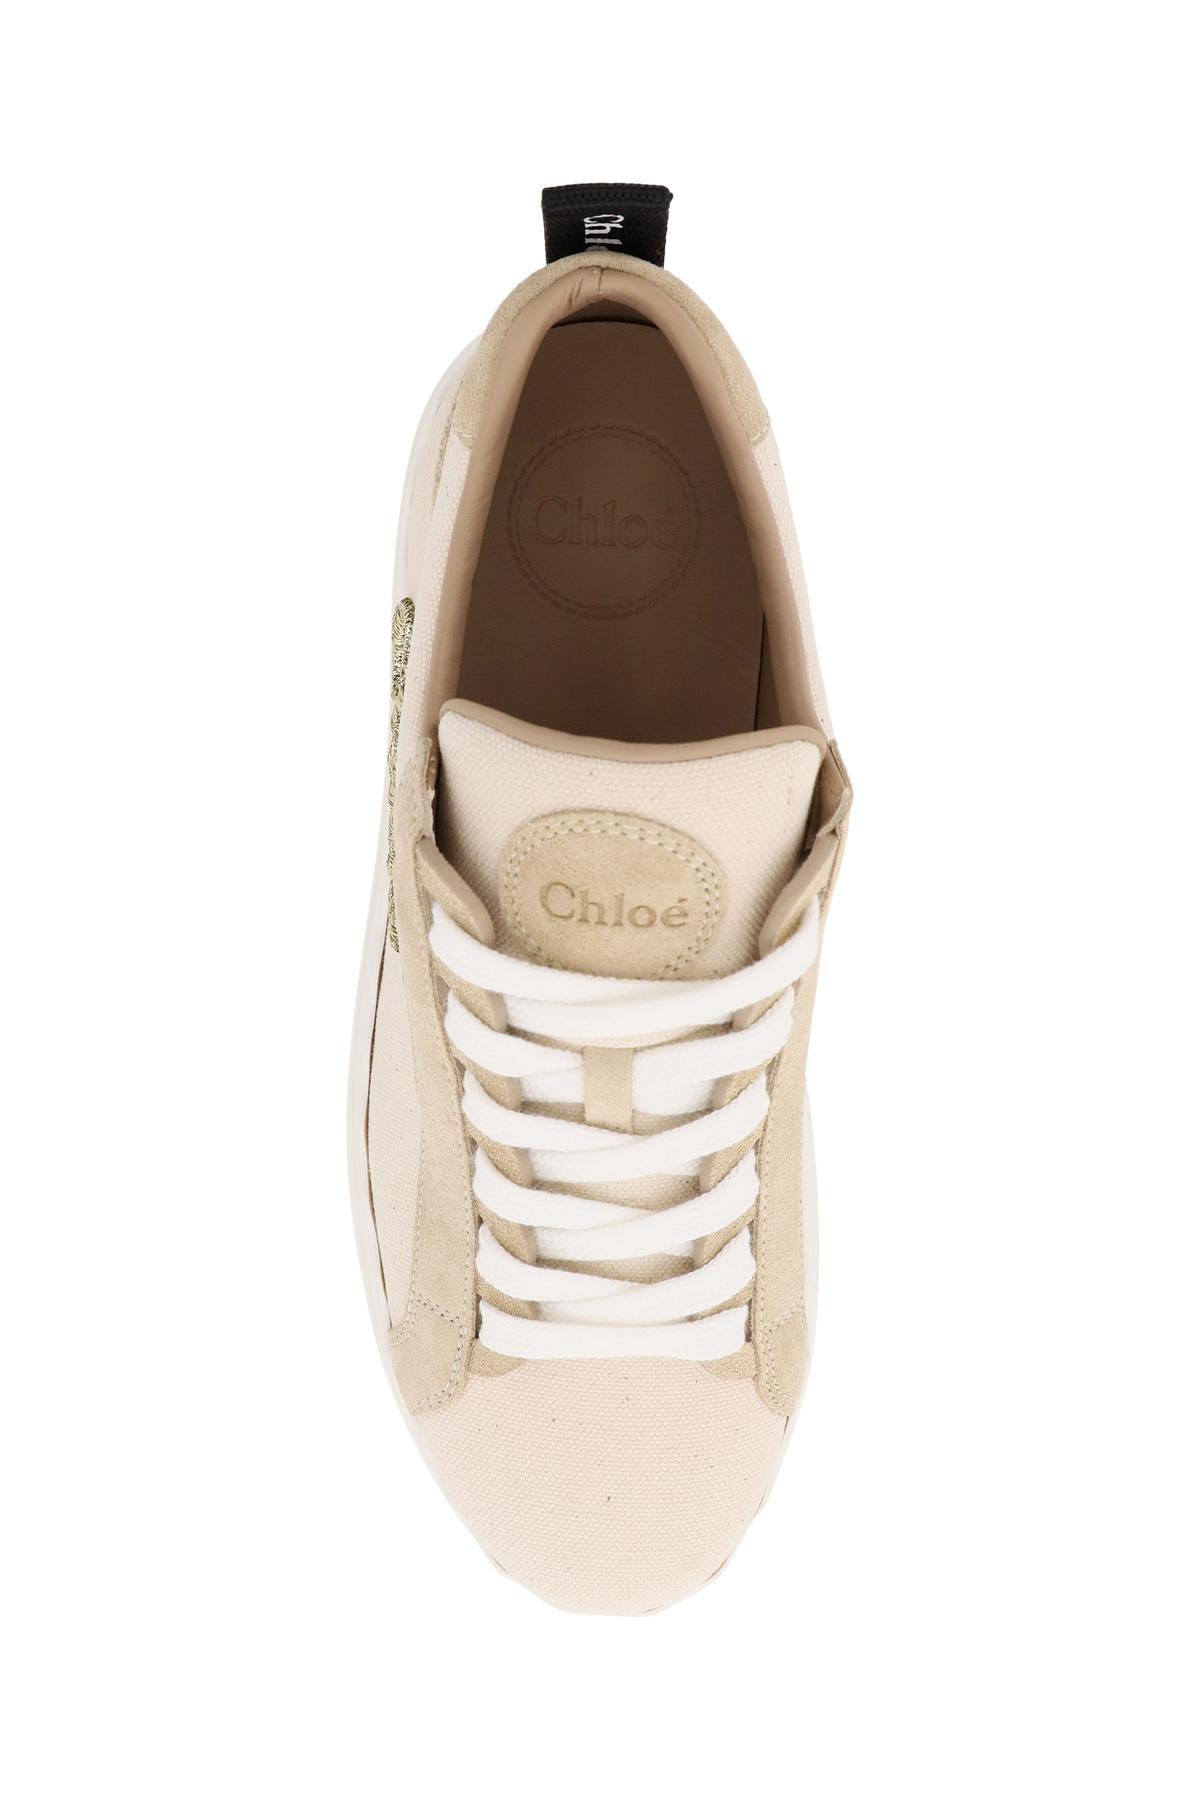 Chloe' sneakers lauren logo lurex